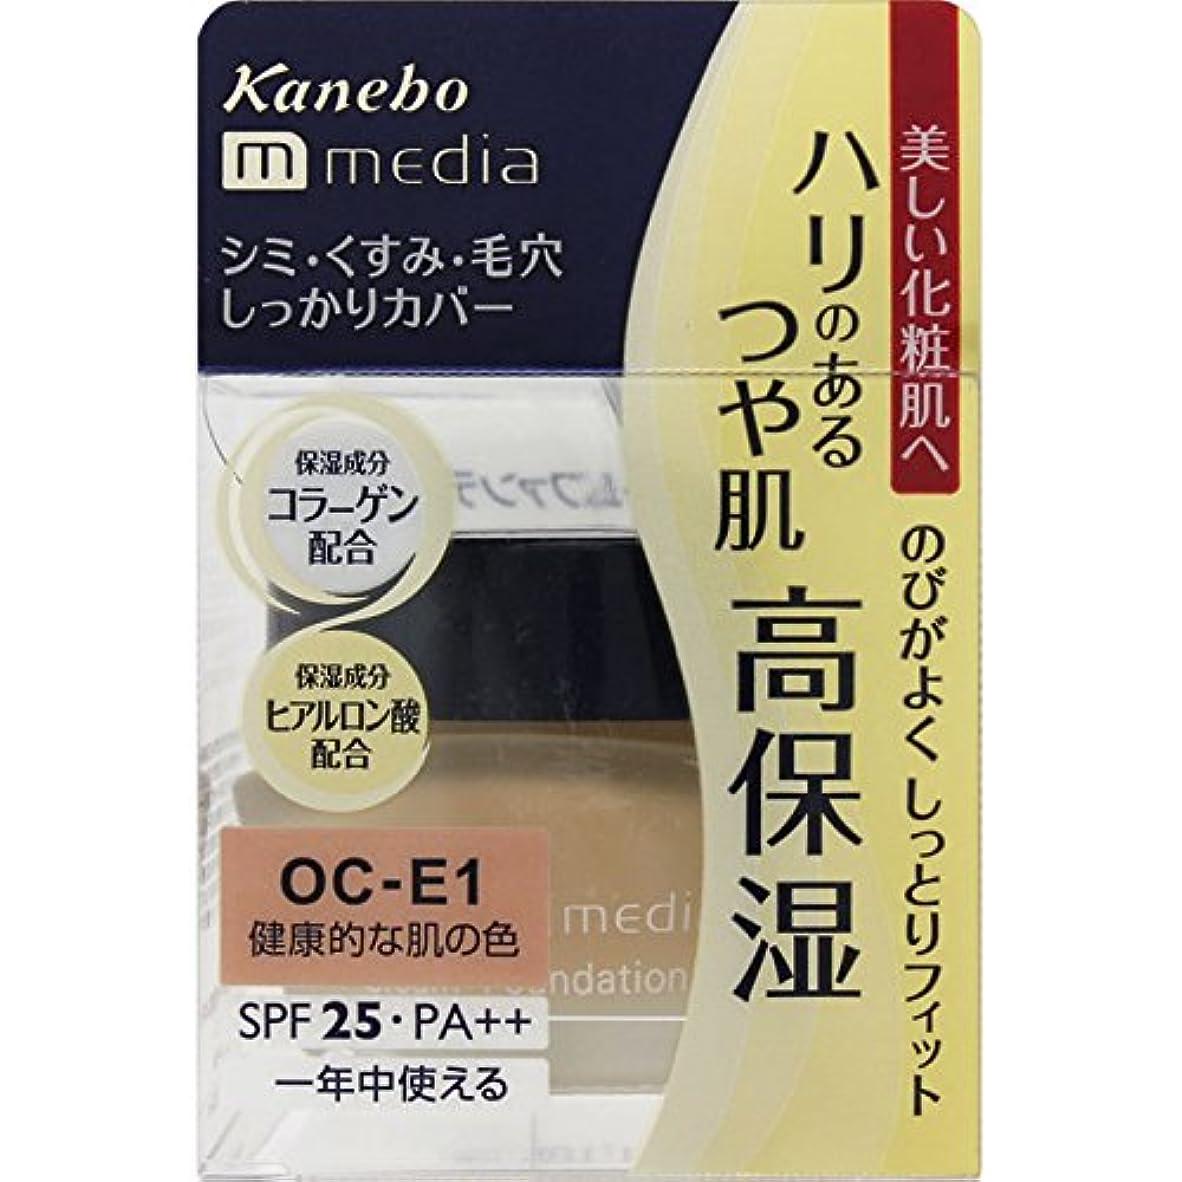 泣き叫ぶ疑い者伝統カネボウ media(メディア) クリームファンデーション OC-E1(健康的な肌の色)